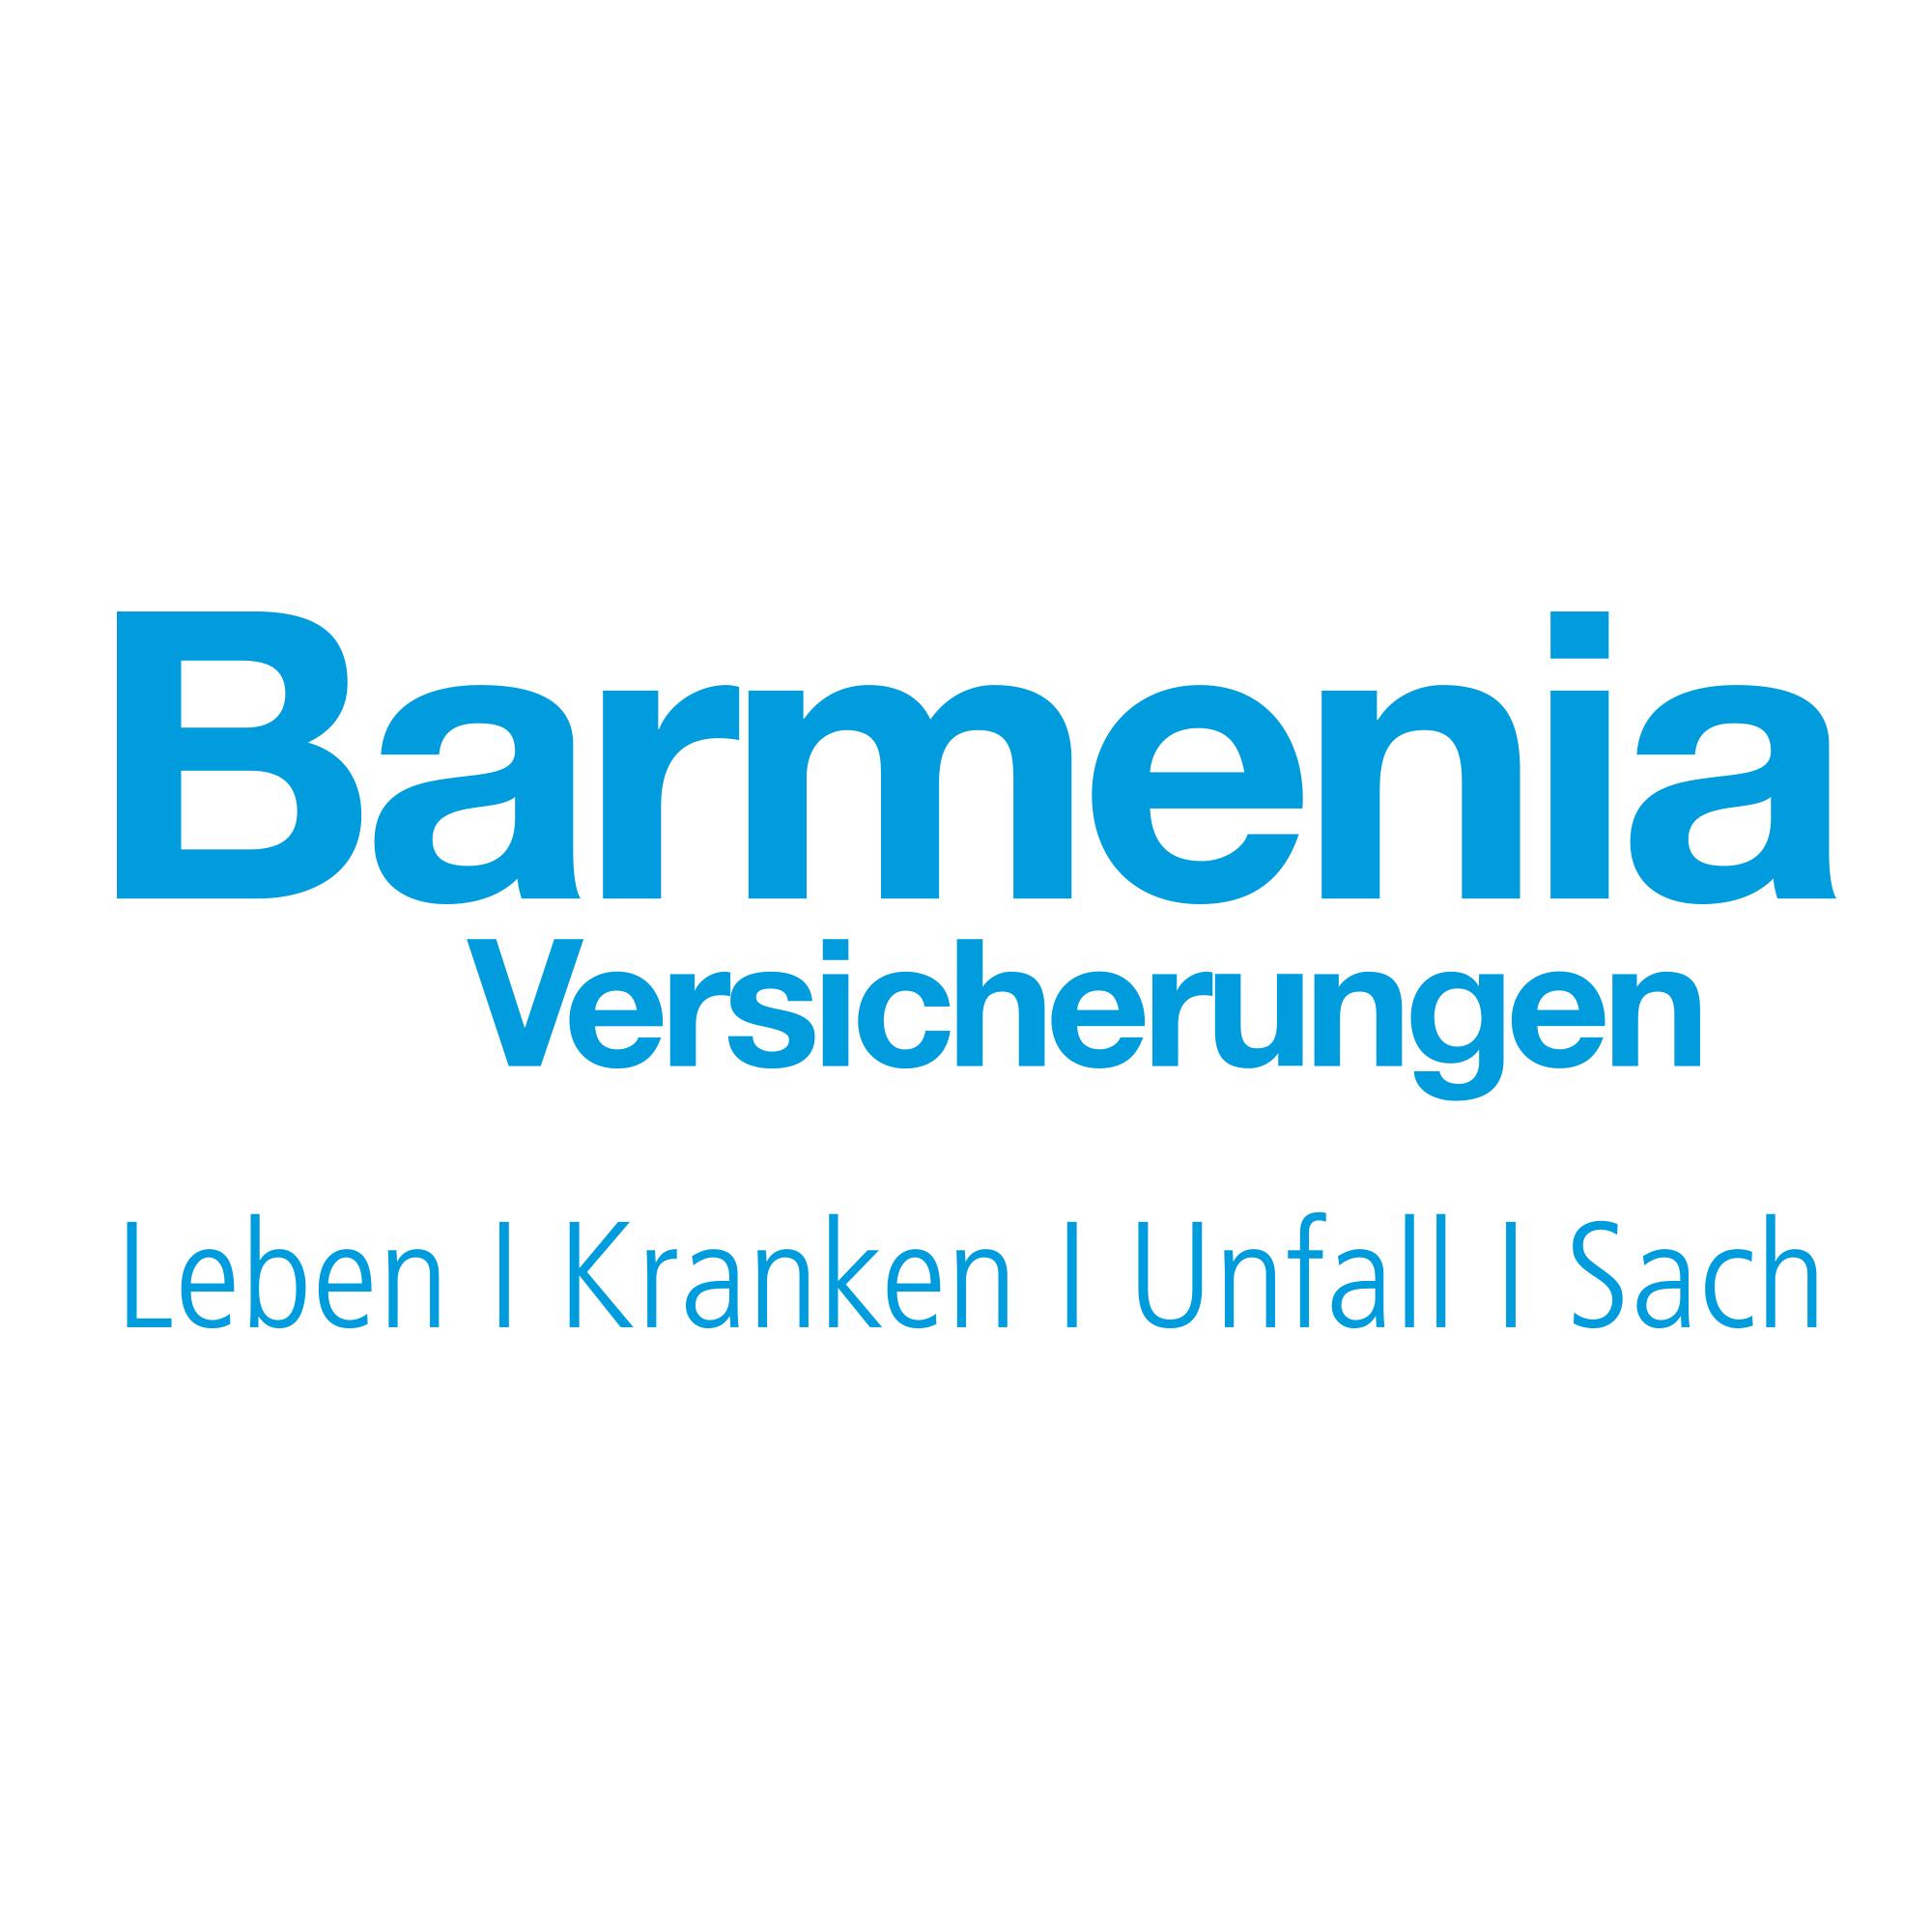 Barmenia Versicherungen - Arthur Knoll